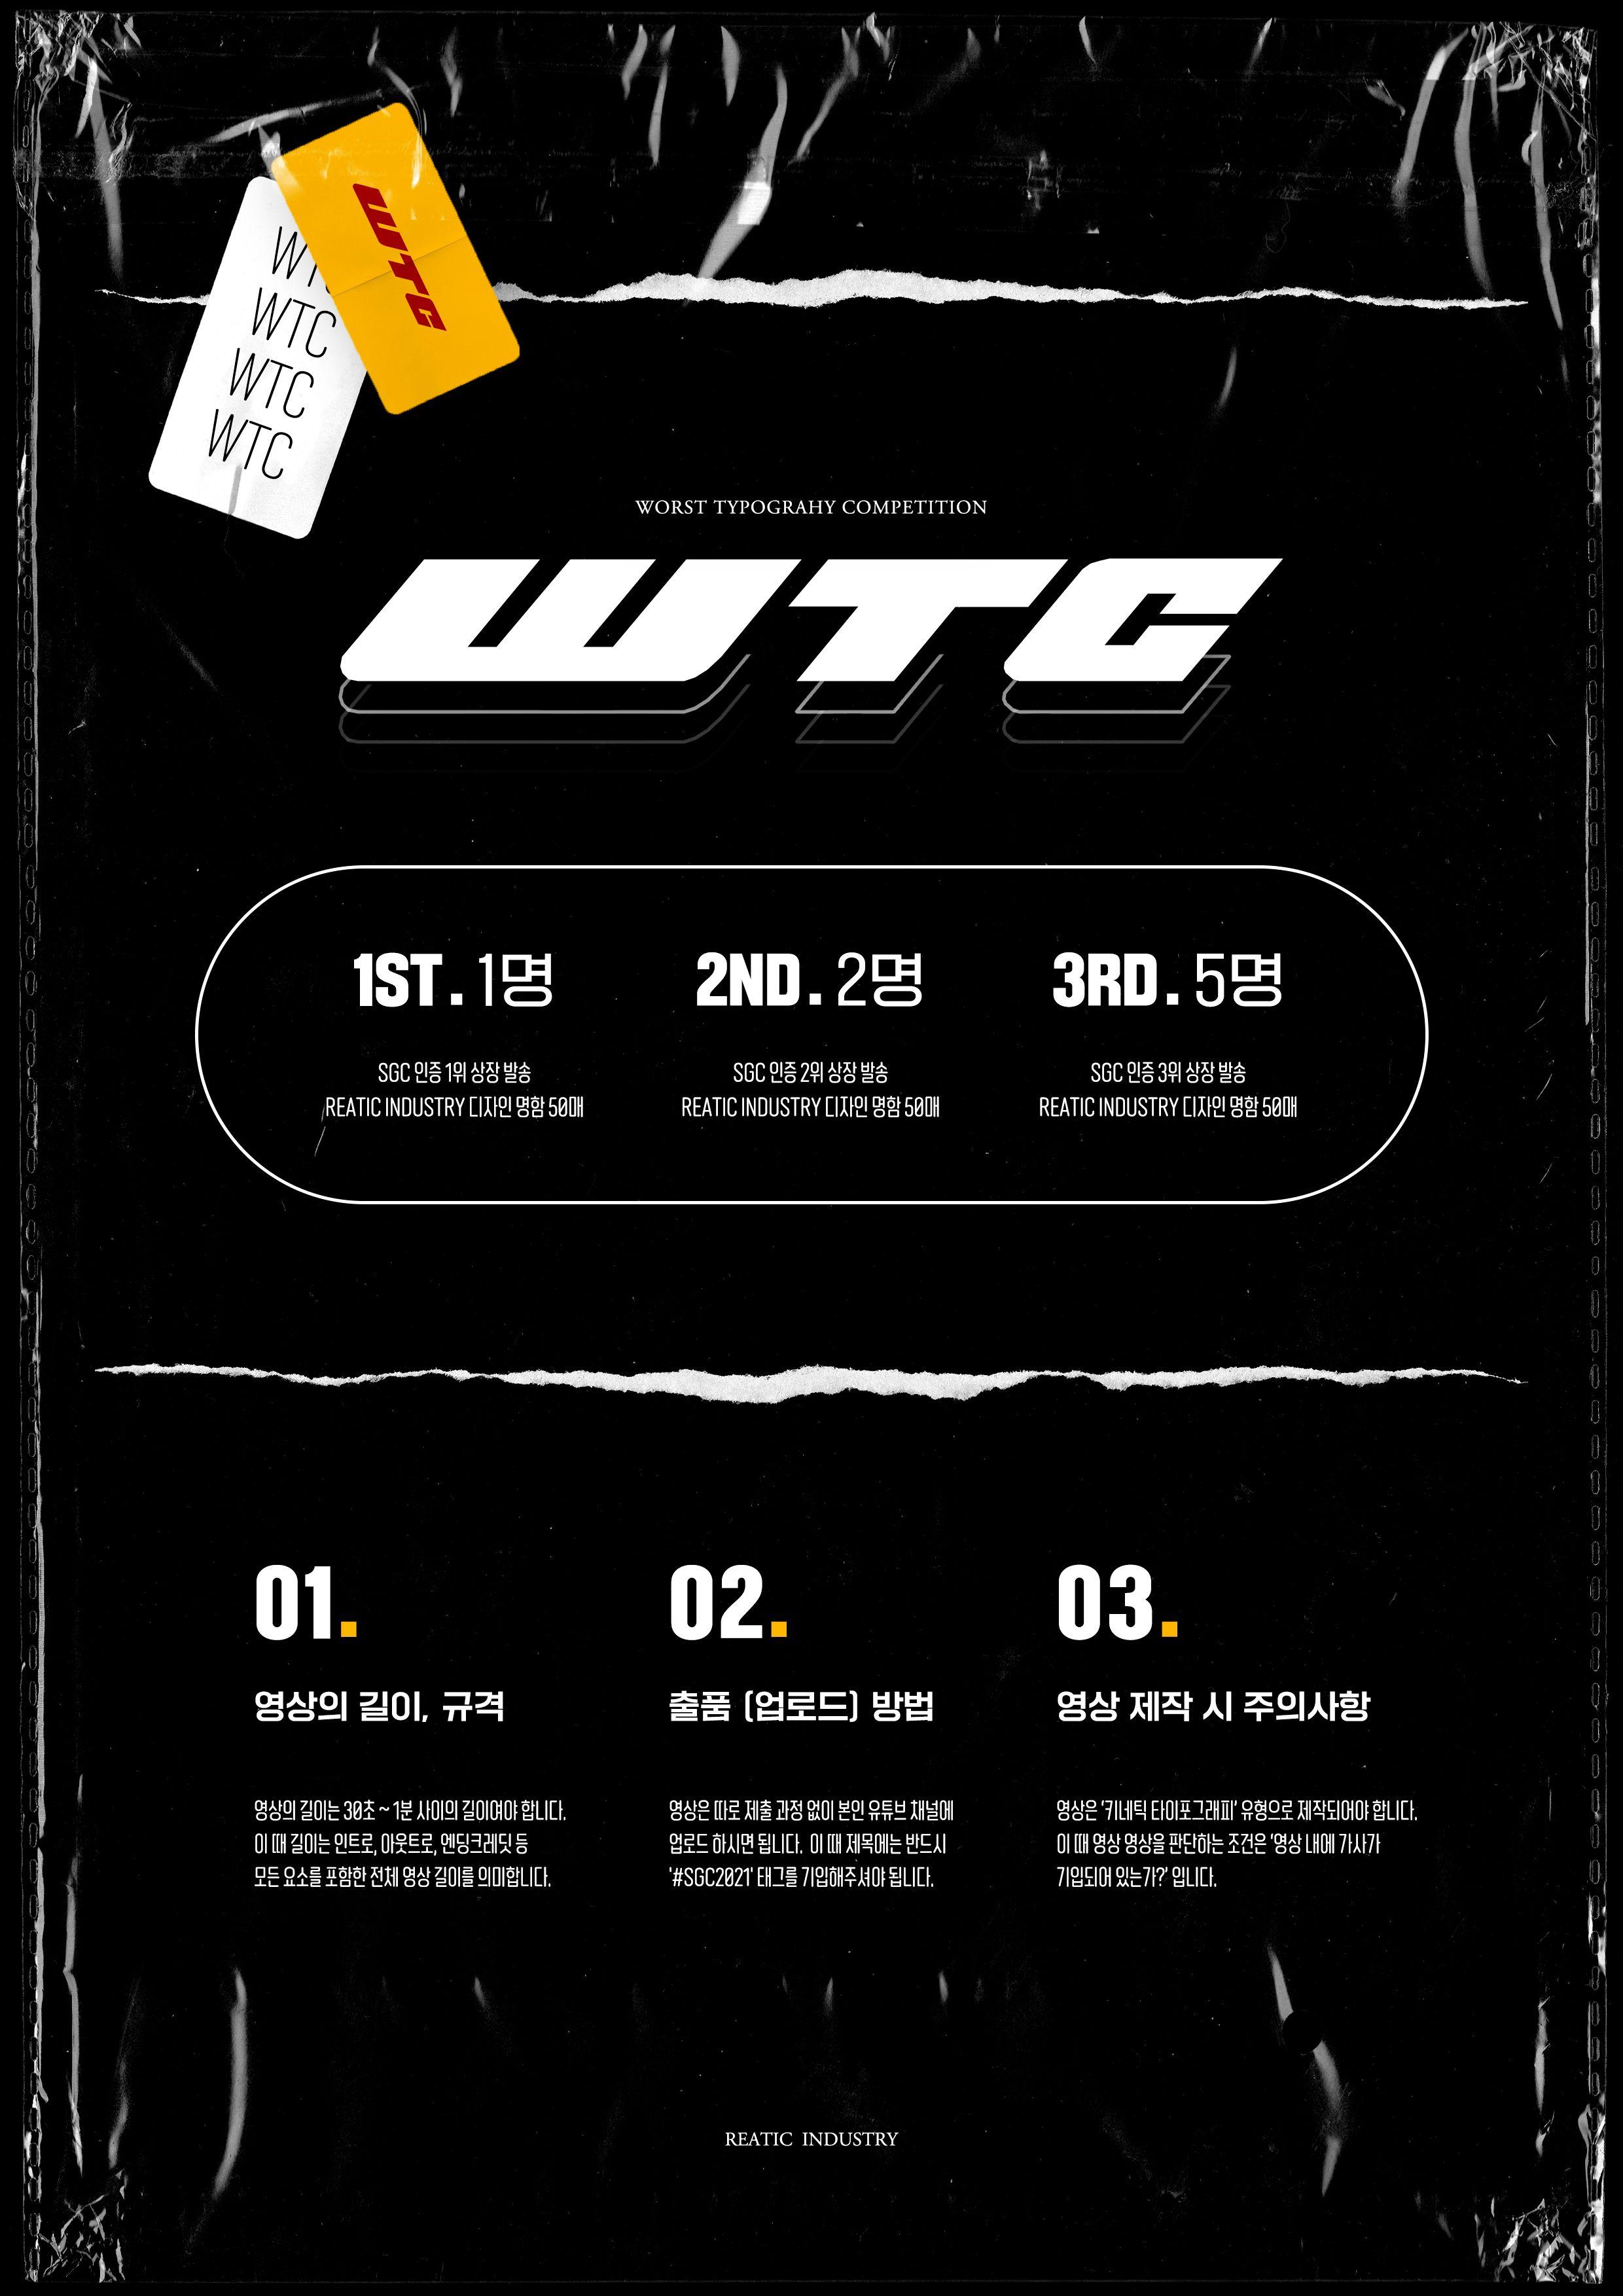 WTC: Worst Typography Contest